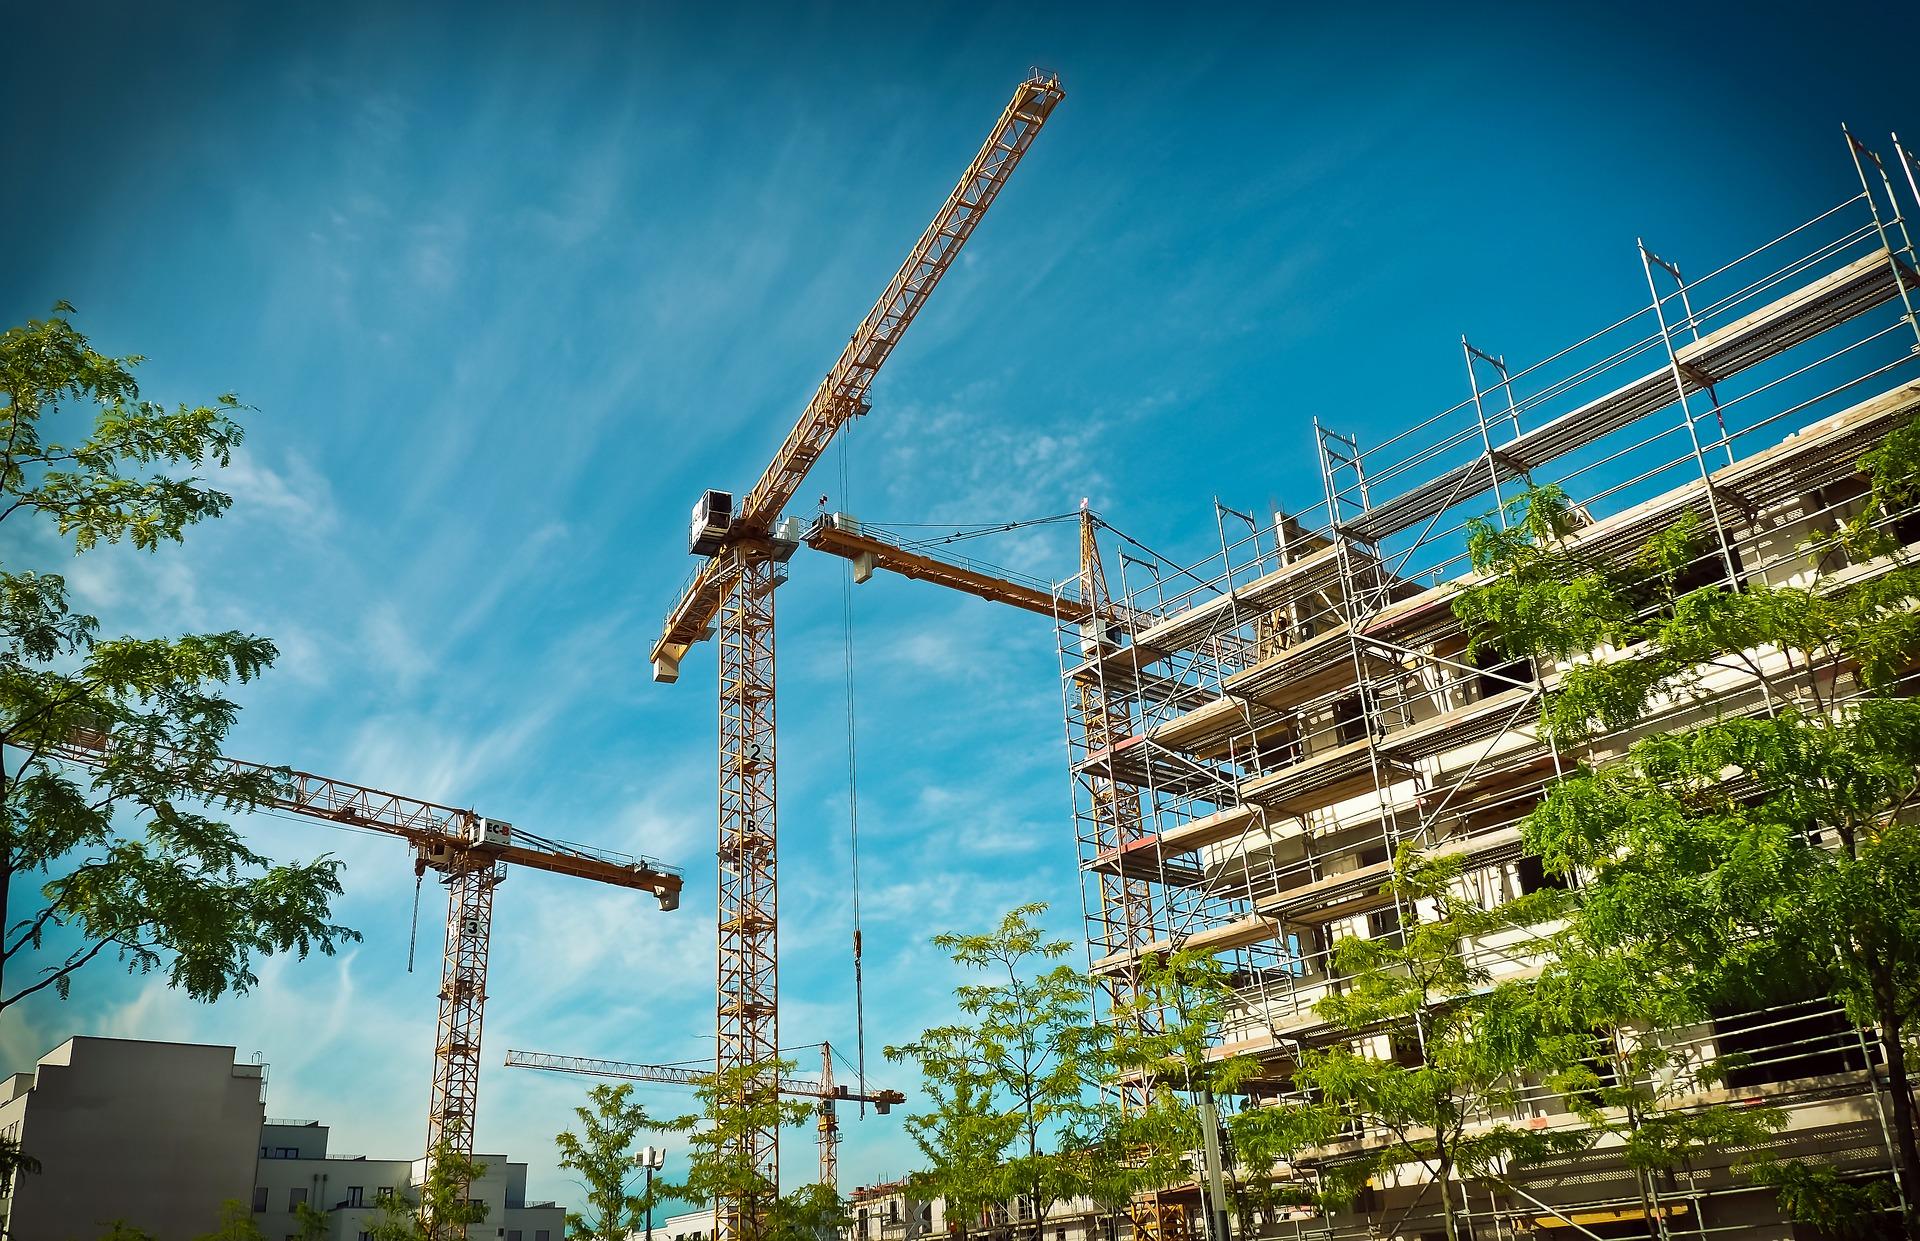 architecture-1541086_1920 Acquistare un immobile da privati, da costruttore o tramite esecuzione immobiliare